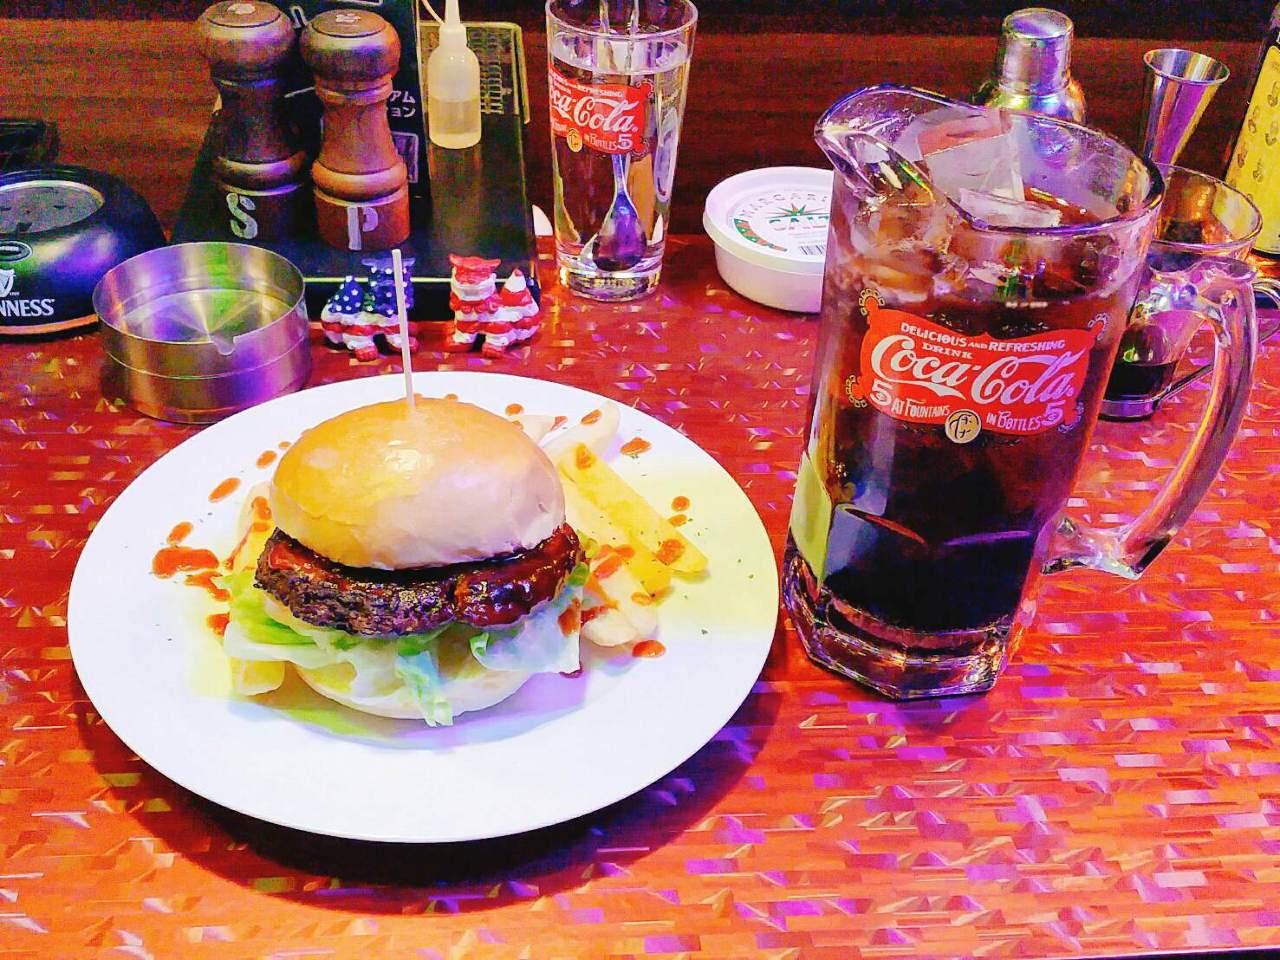 ビッグコーラとアメリカンバーガーでボリューム満点!!!